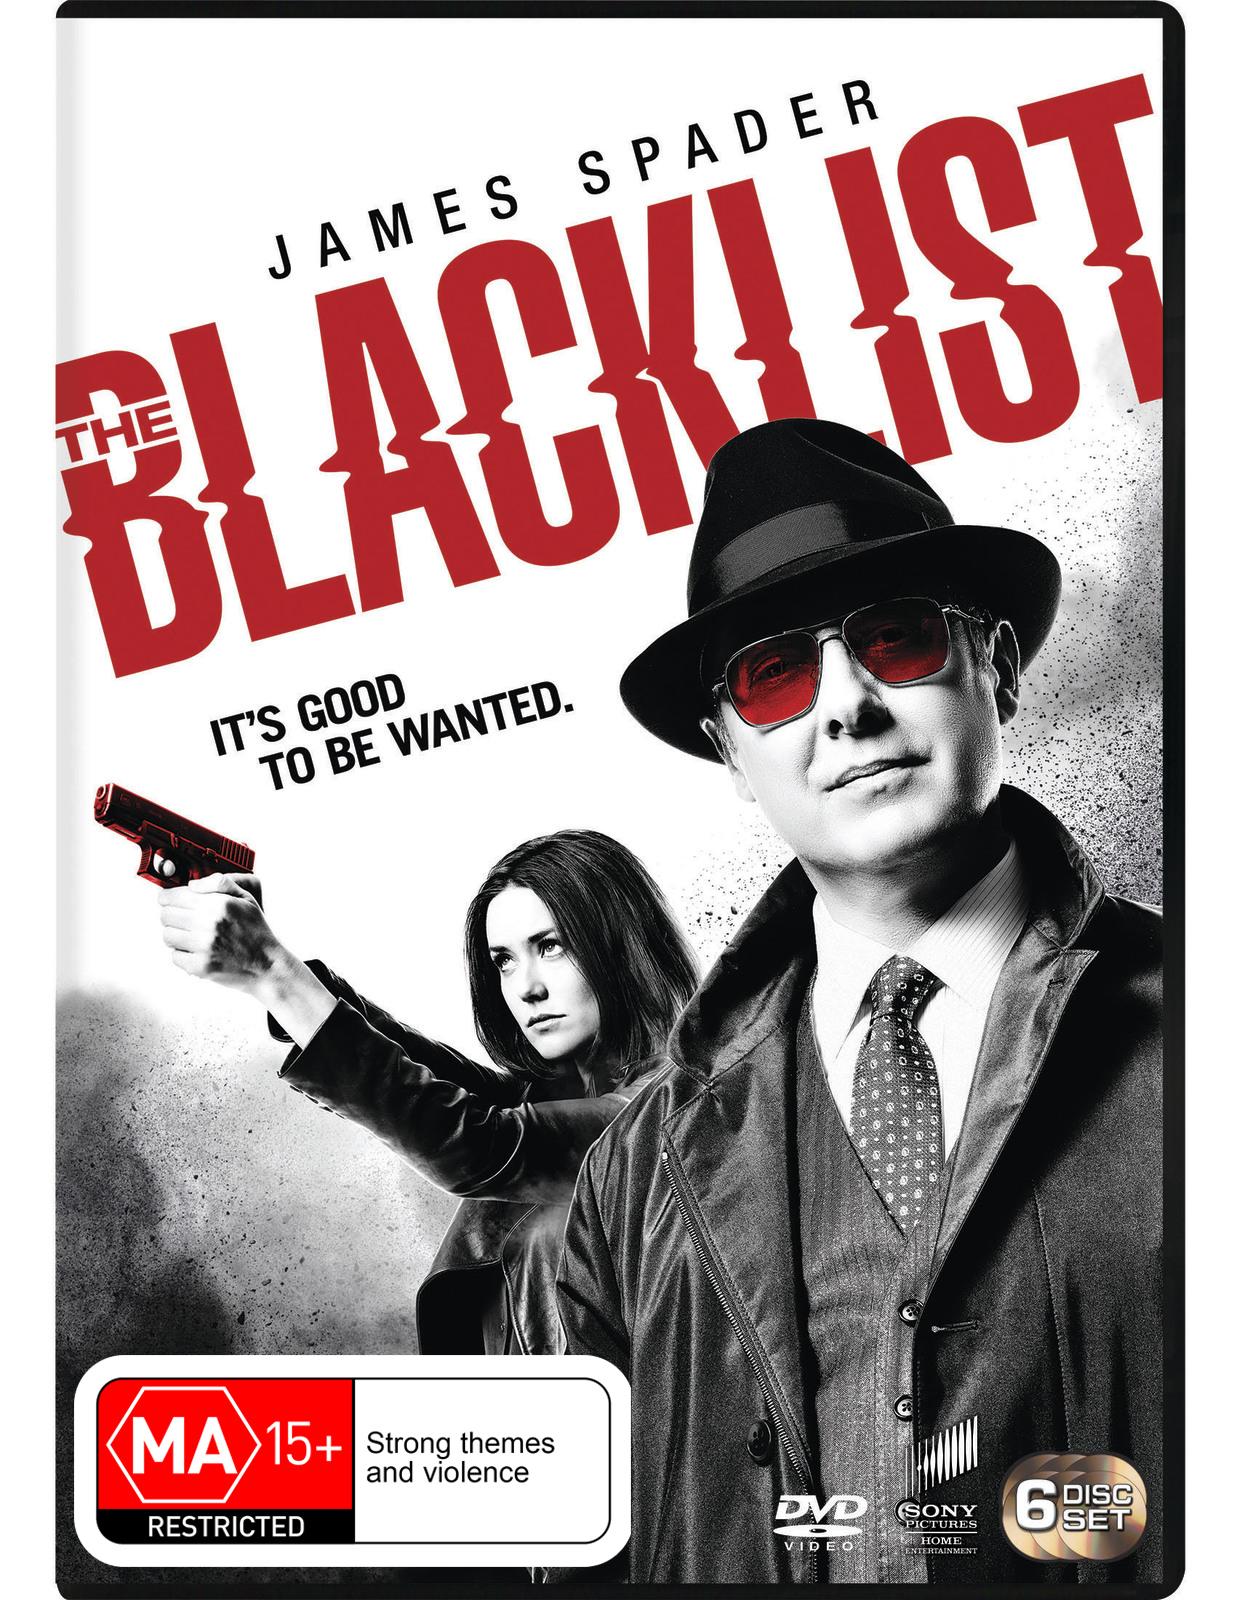 The Blacklist Season 3 on DVD image